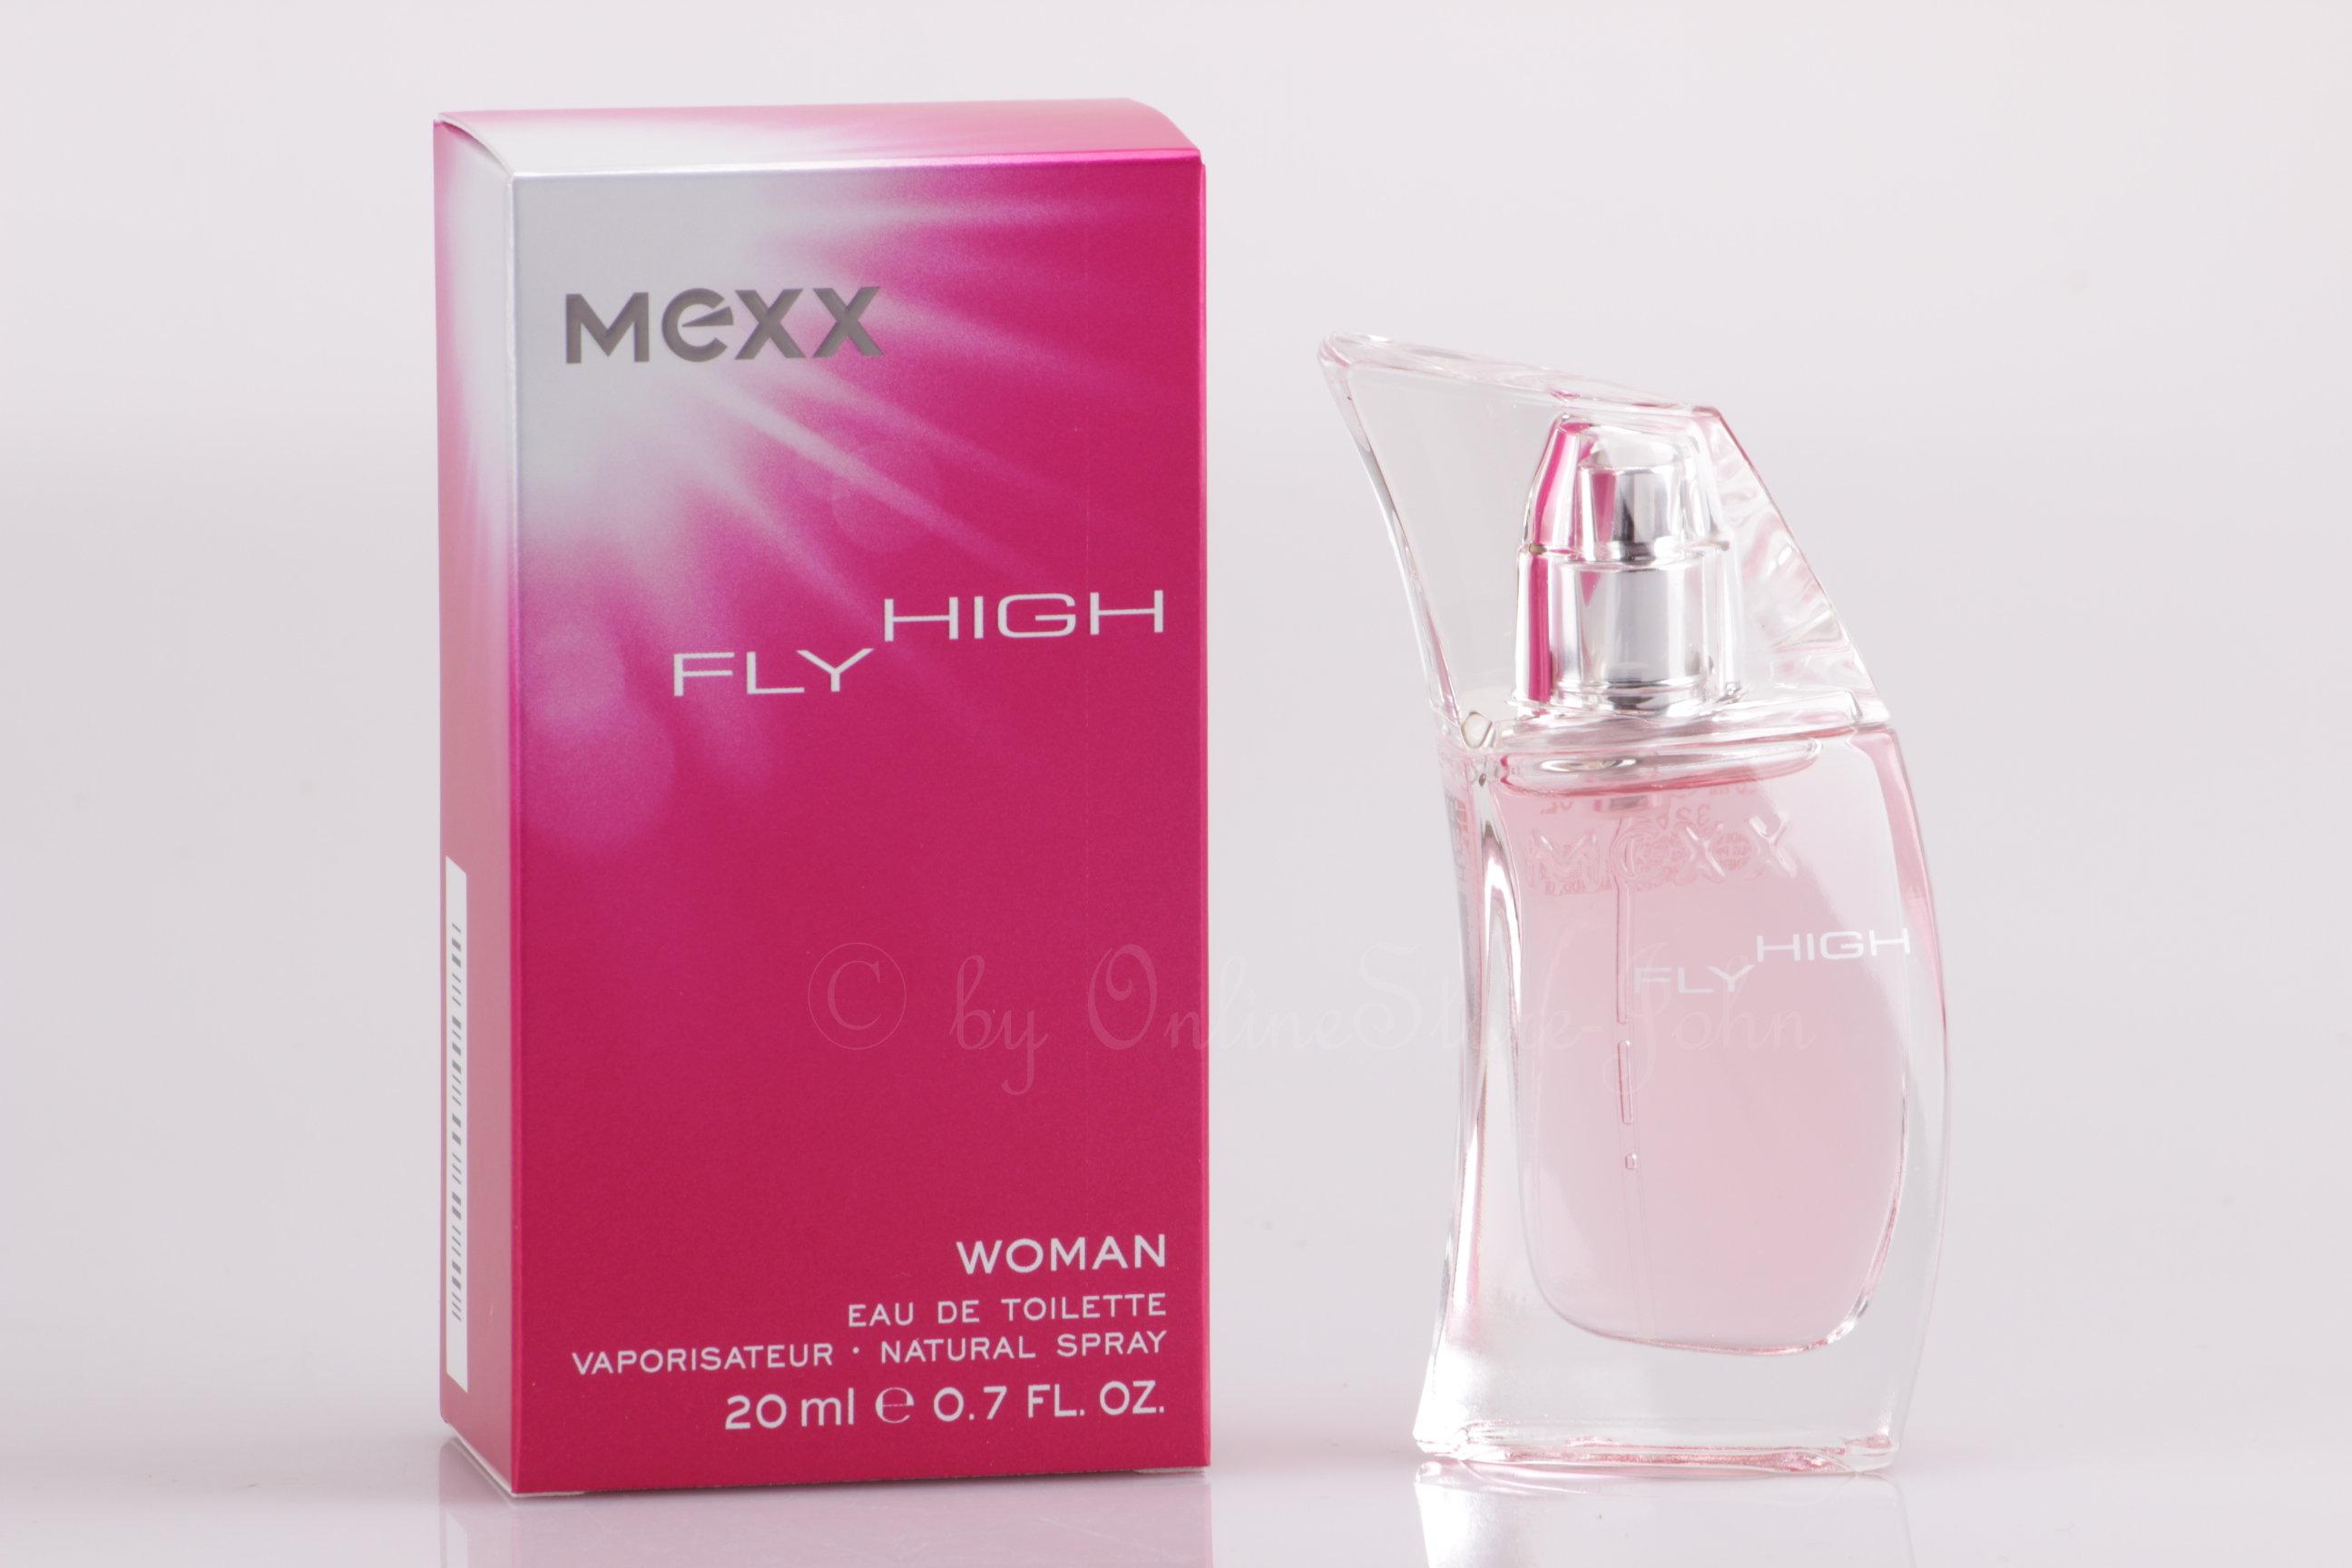 mexx parfum damen fly high woman